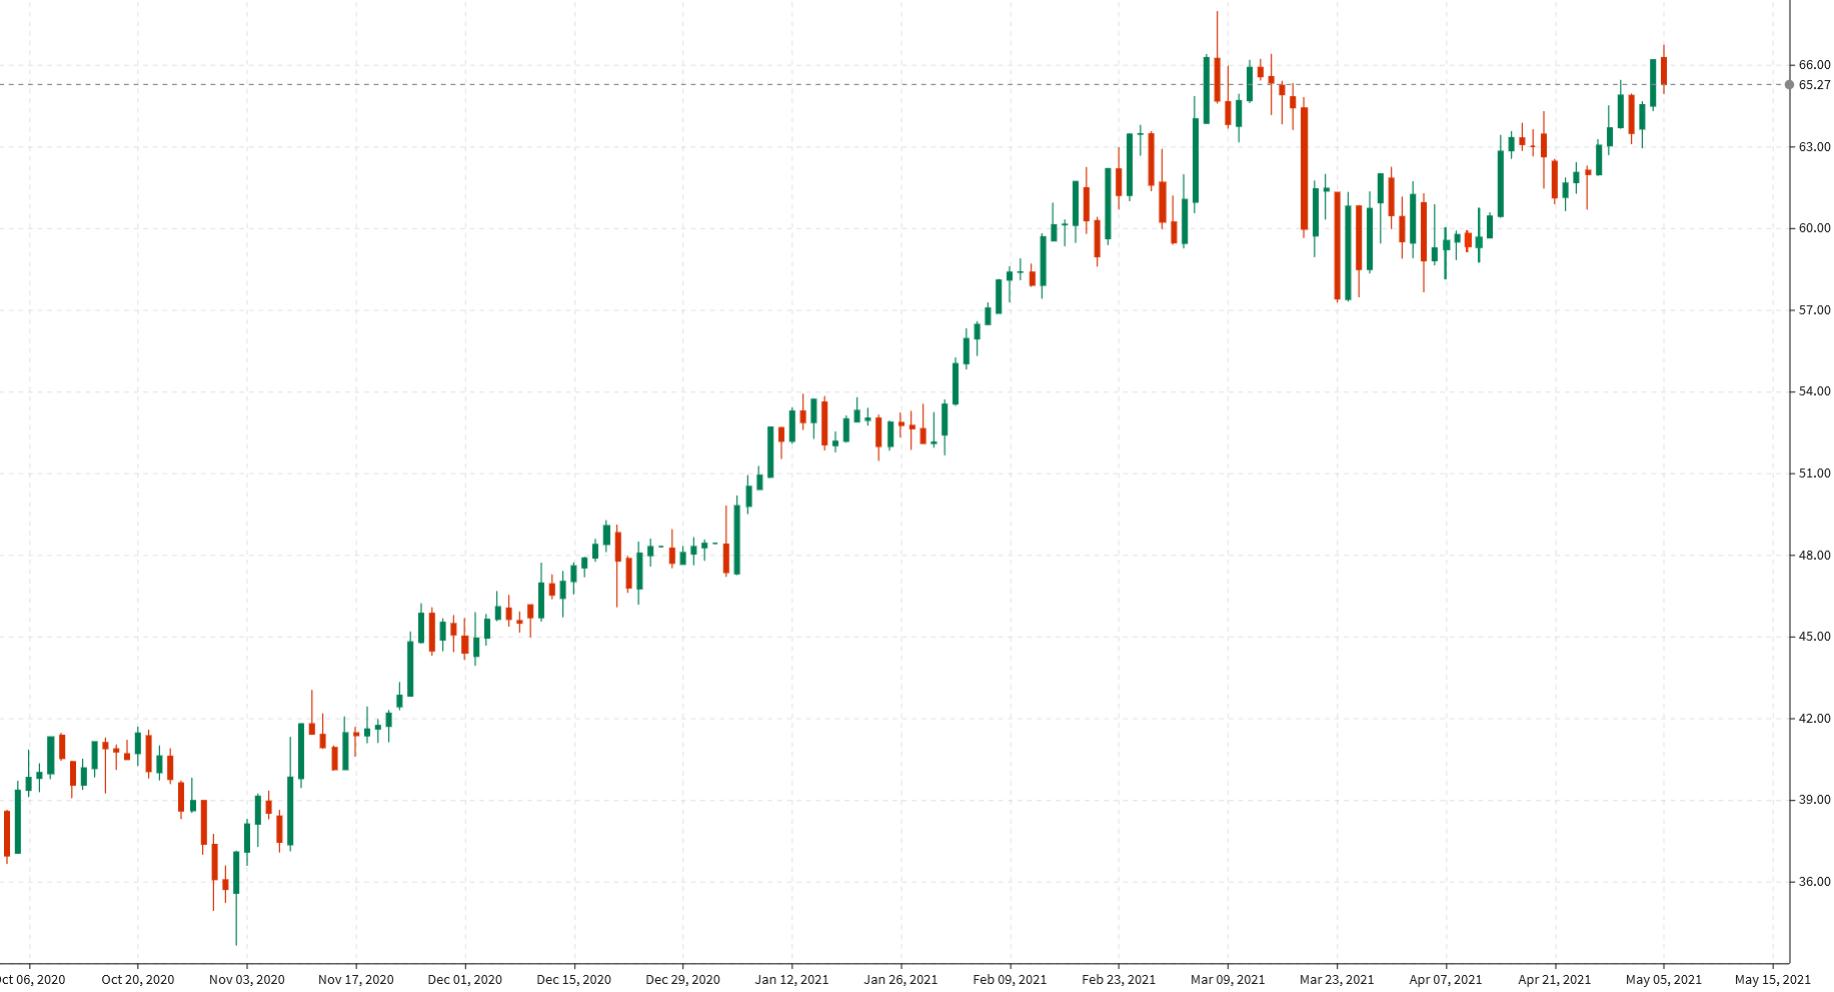 El crudo WTI cae $ 1,50 desde máximos